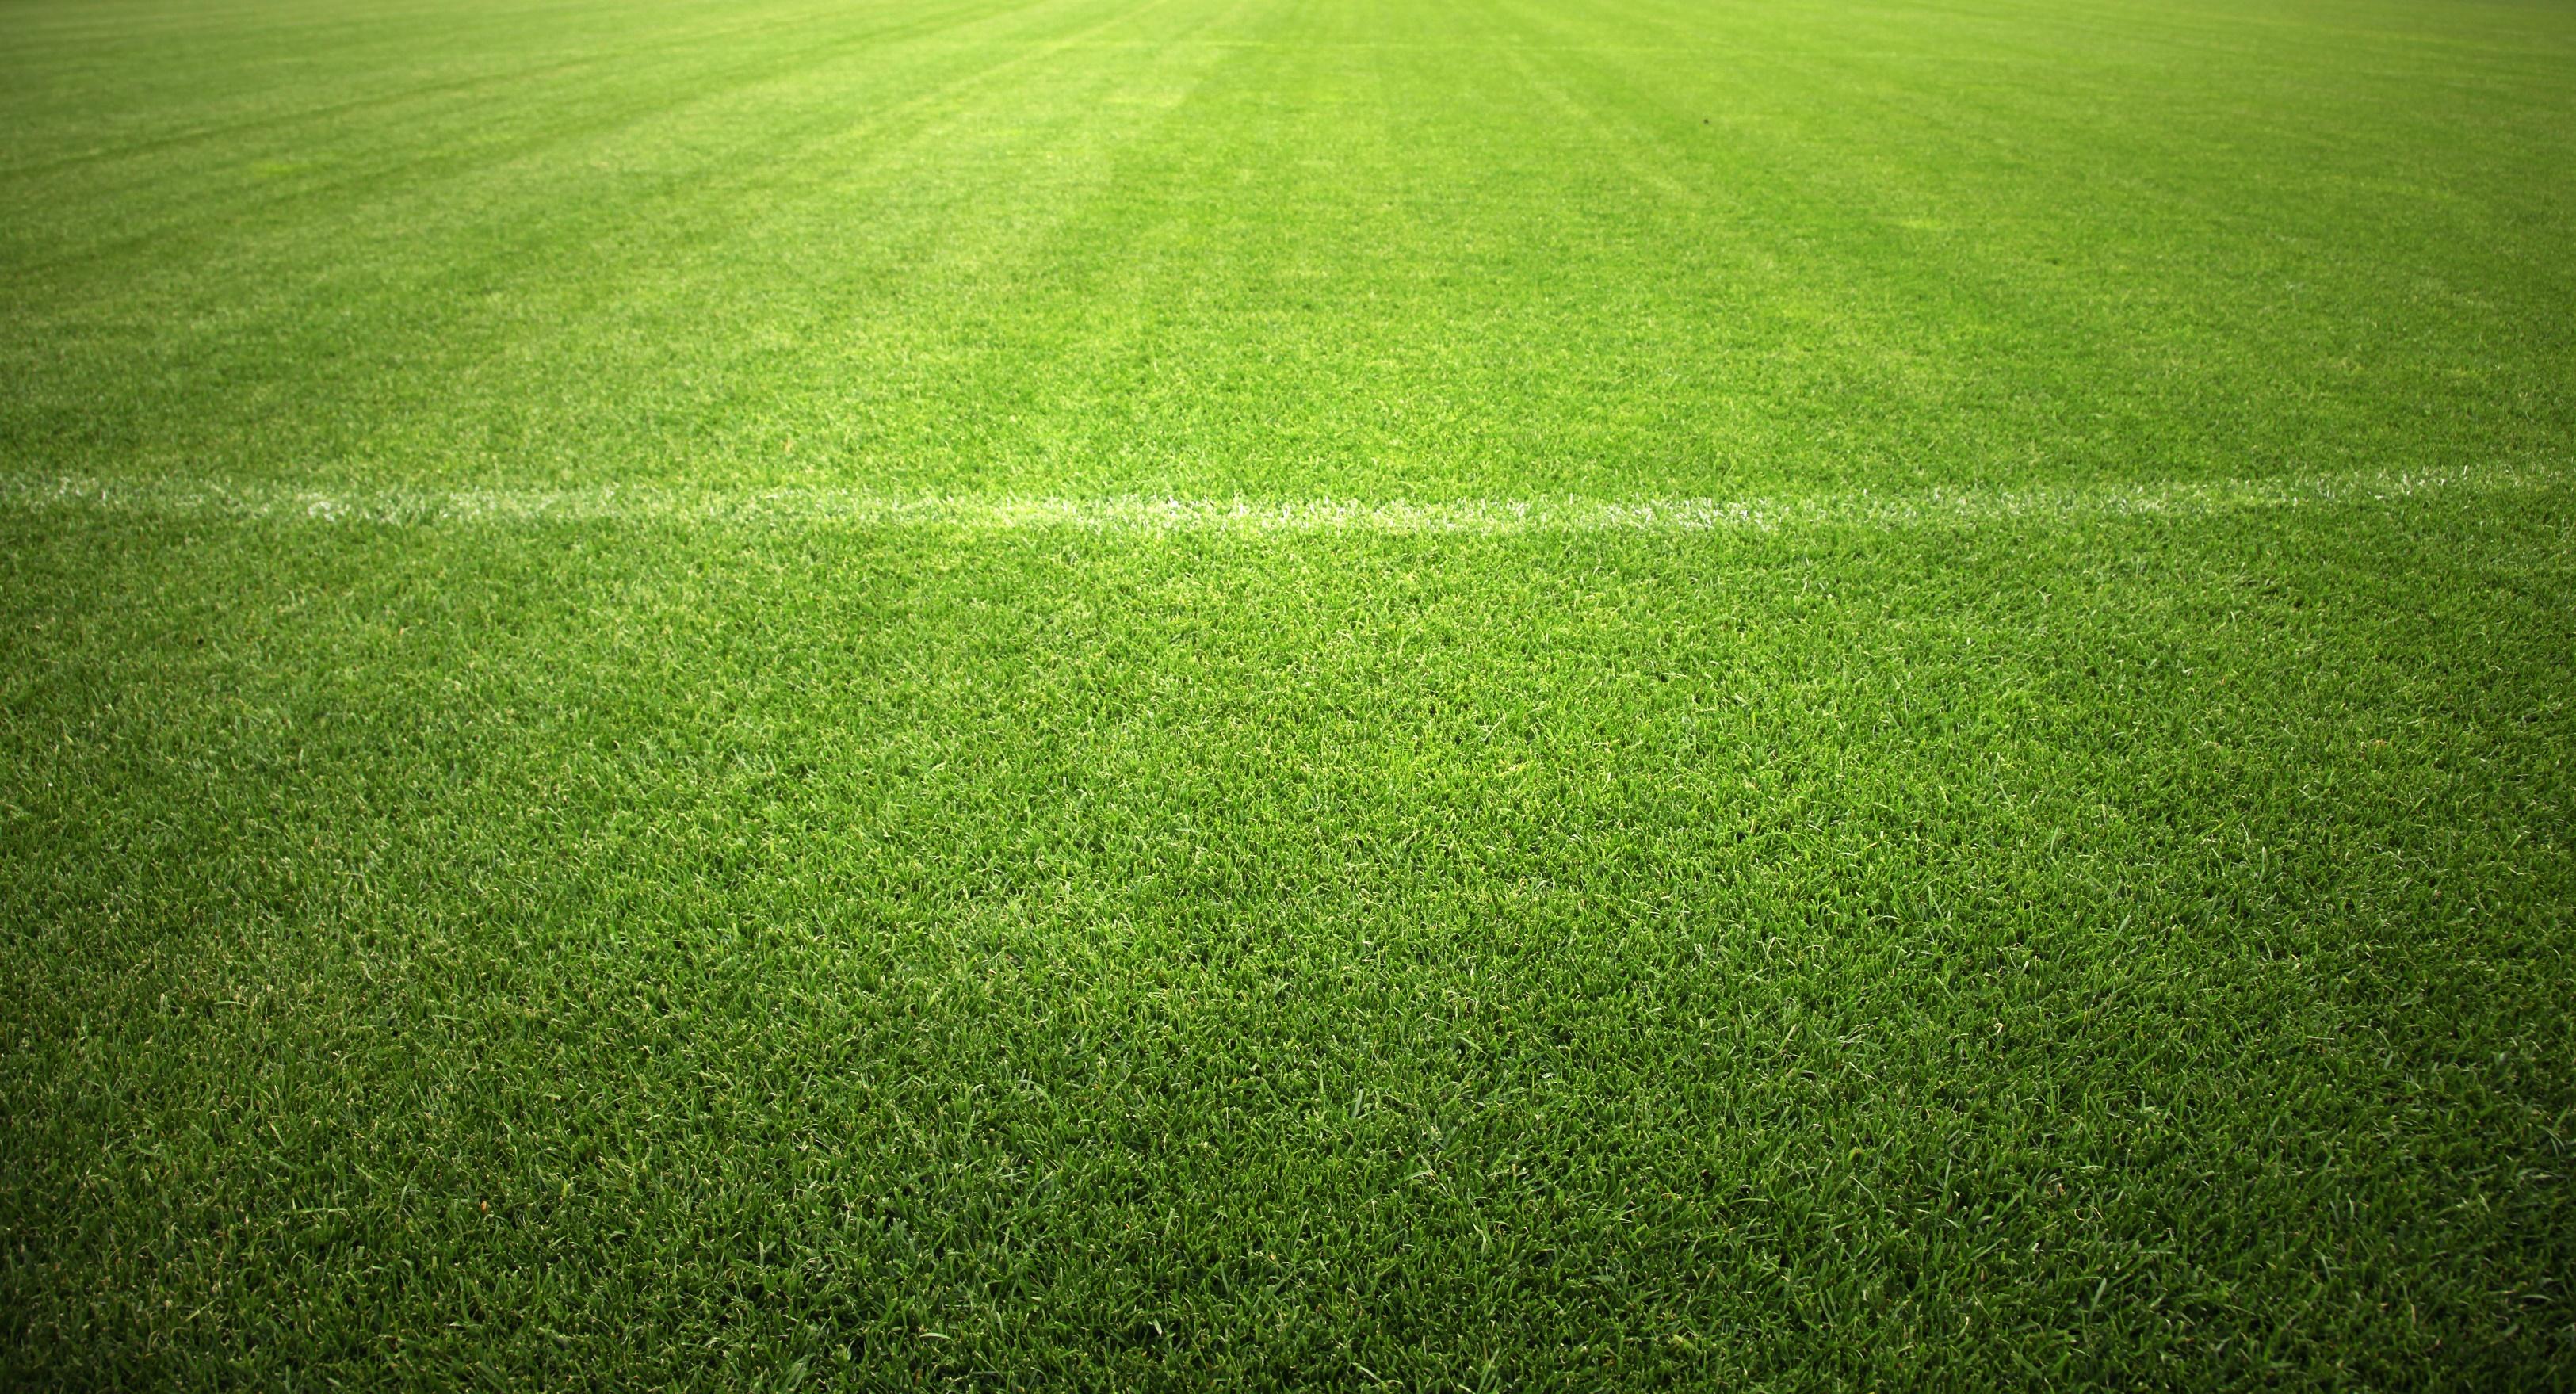 Fussball, unser Sport!